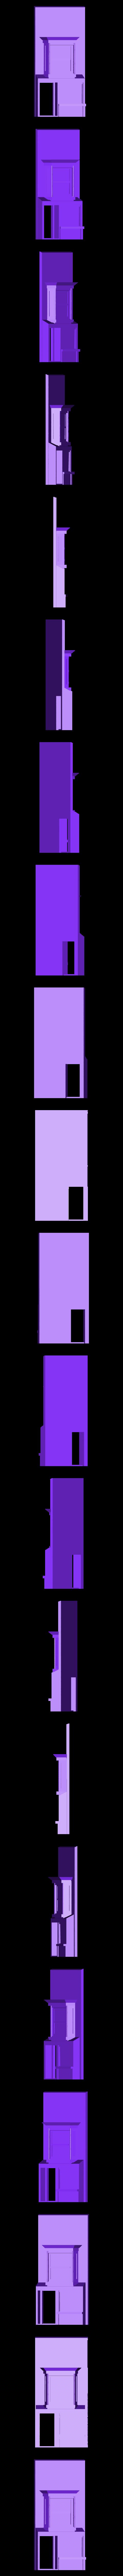 fun_frnt1b_1.stl Télécharger fichier STL gratuit Ripper's London - Salon funéraire / boutique • Design pour imprimante 3D, Earsling